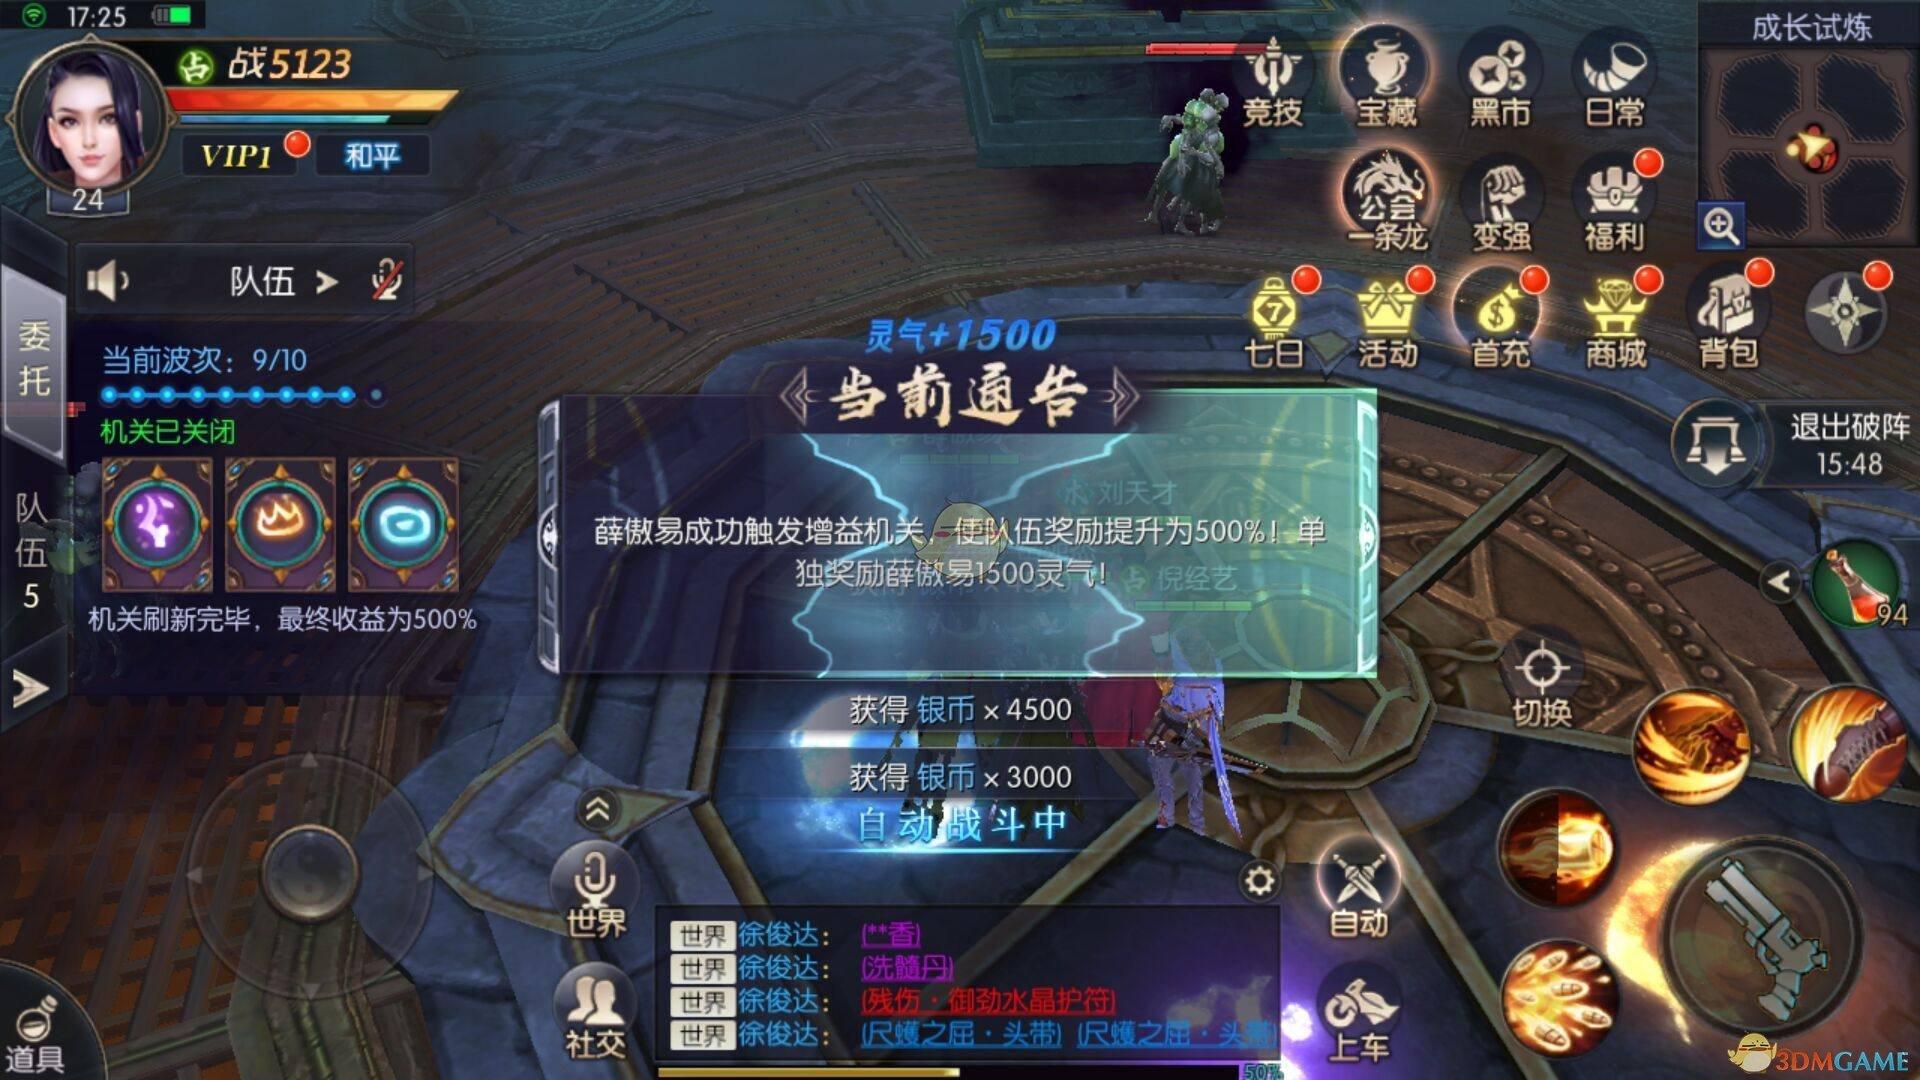 《游龙传说》成长要塞玩法介绍